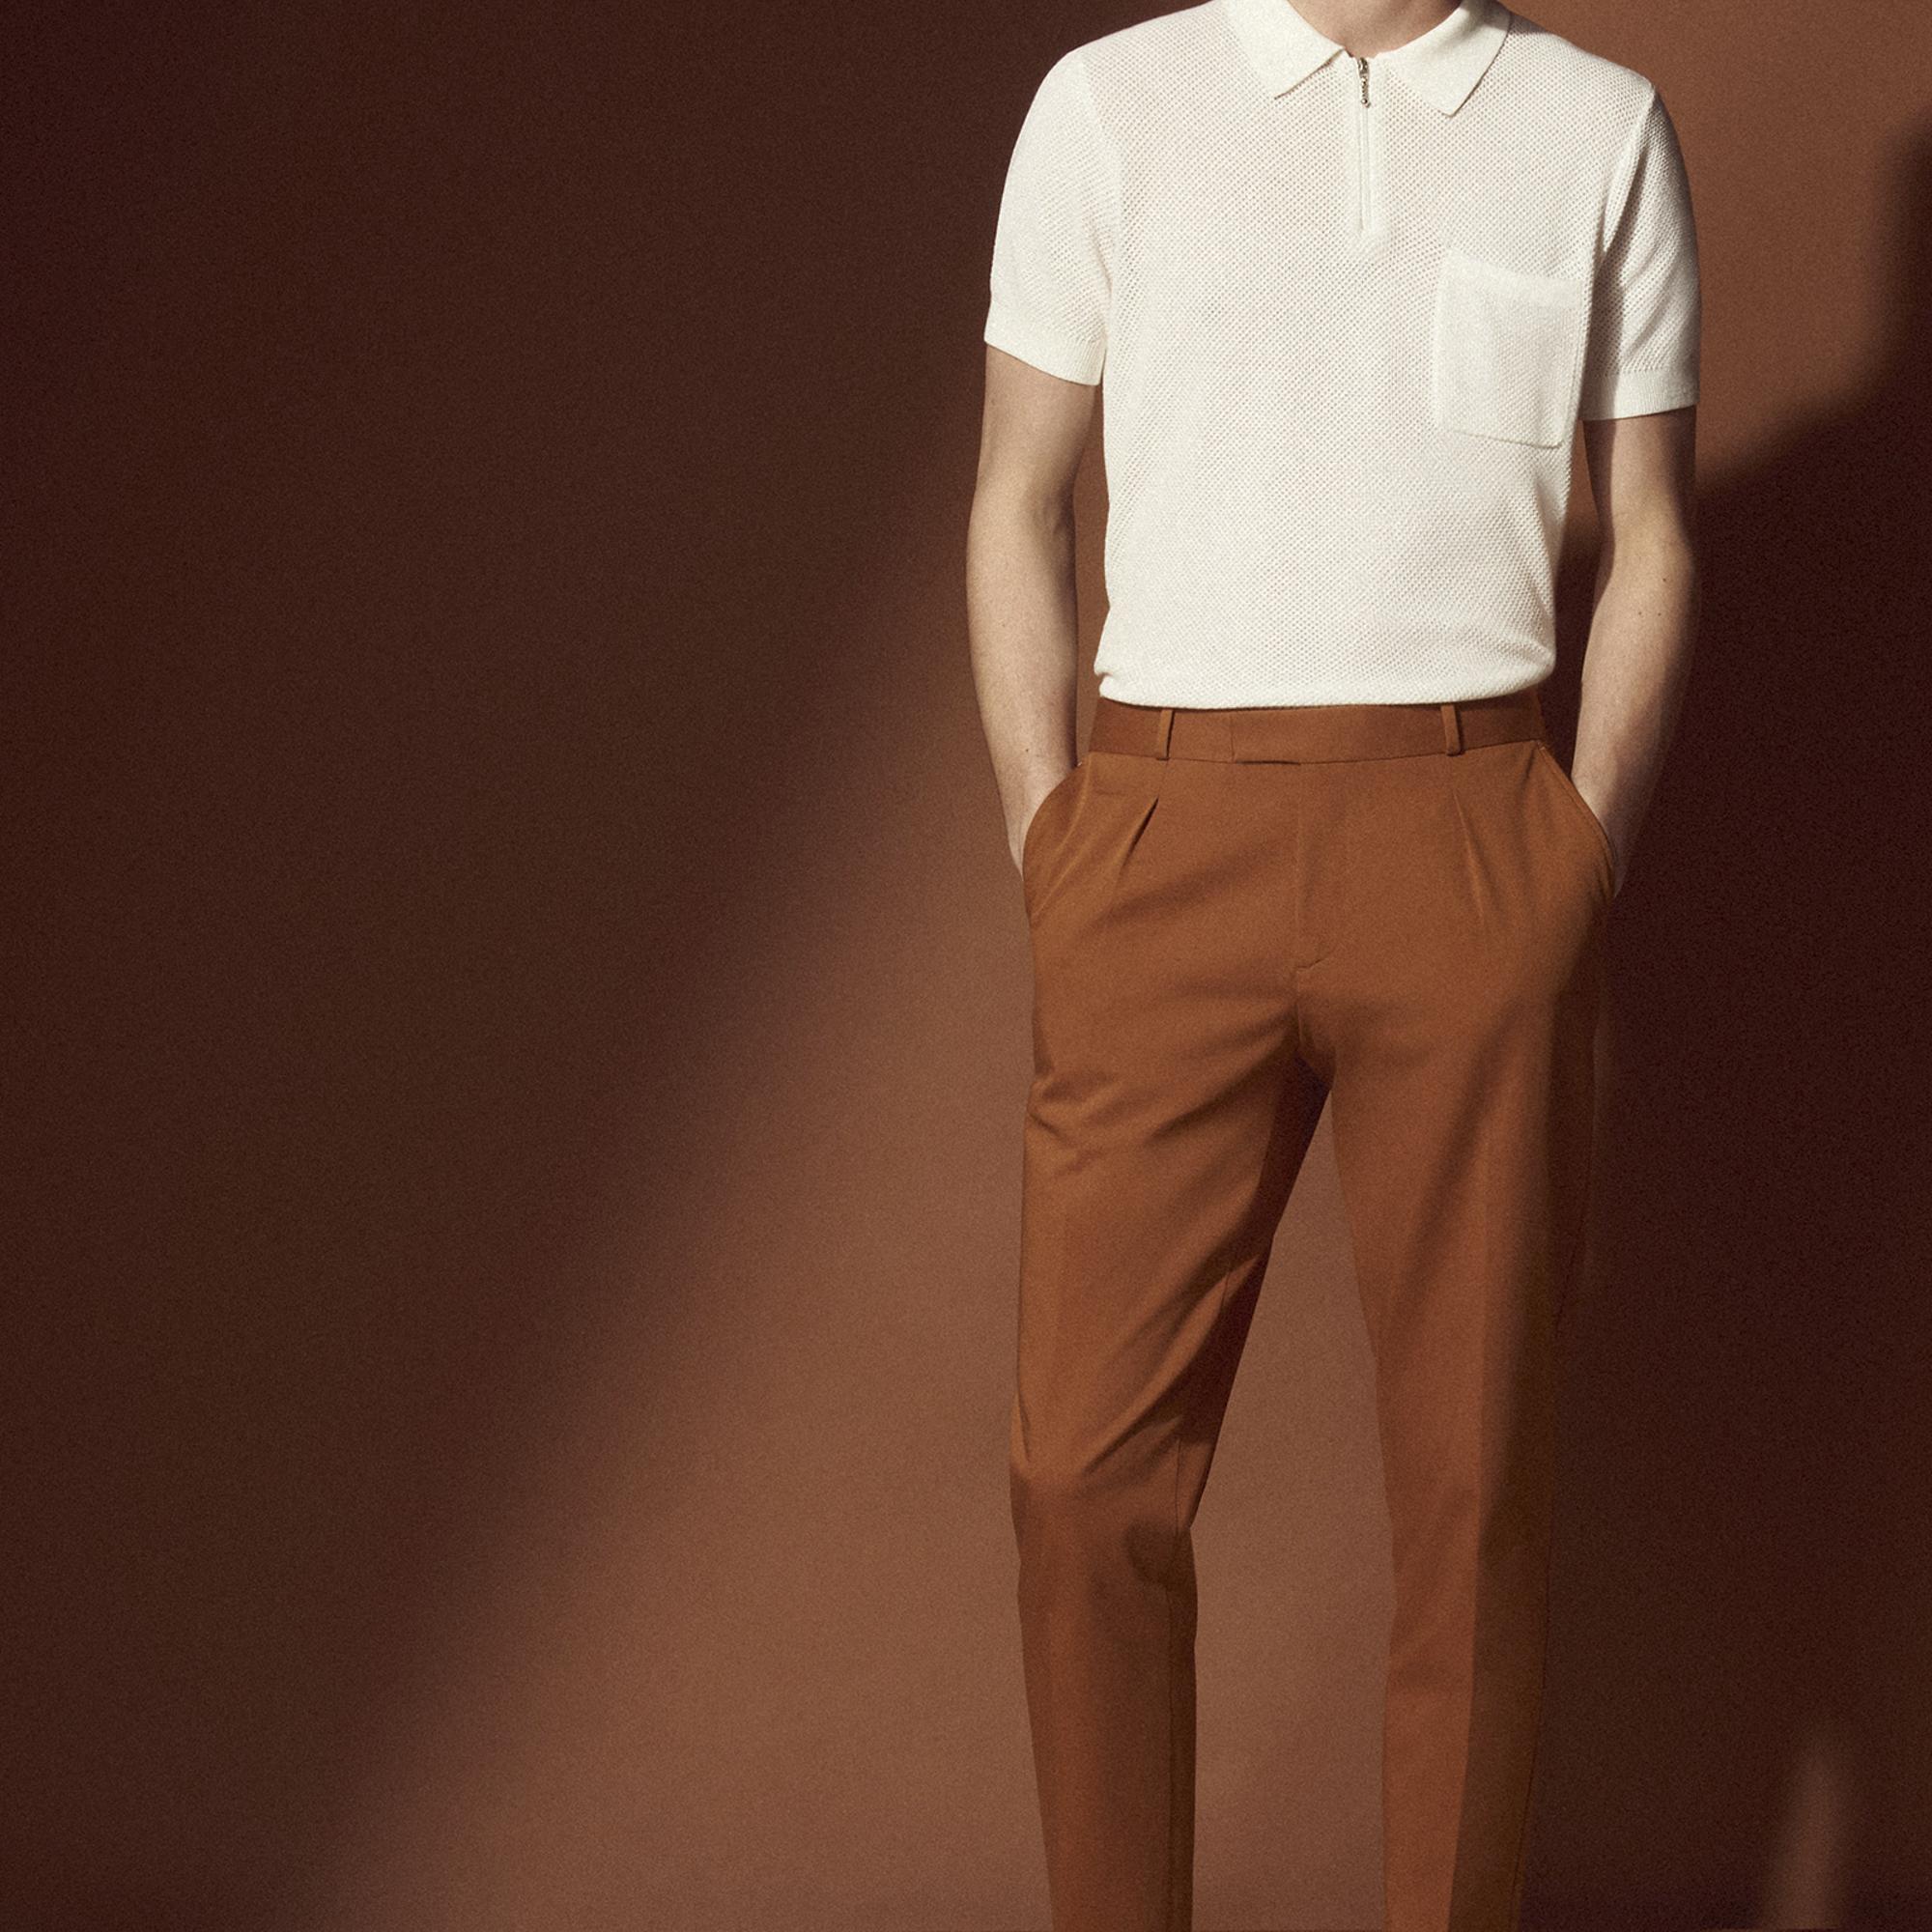 Pantaloni con la piega : Sandro x Mr Porter colore Ocra